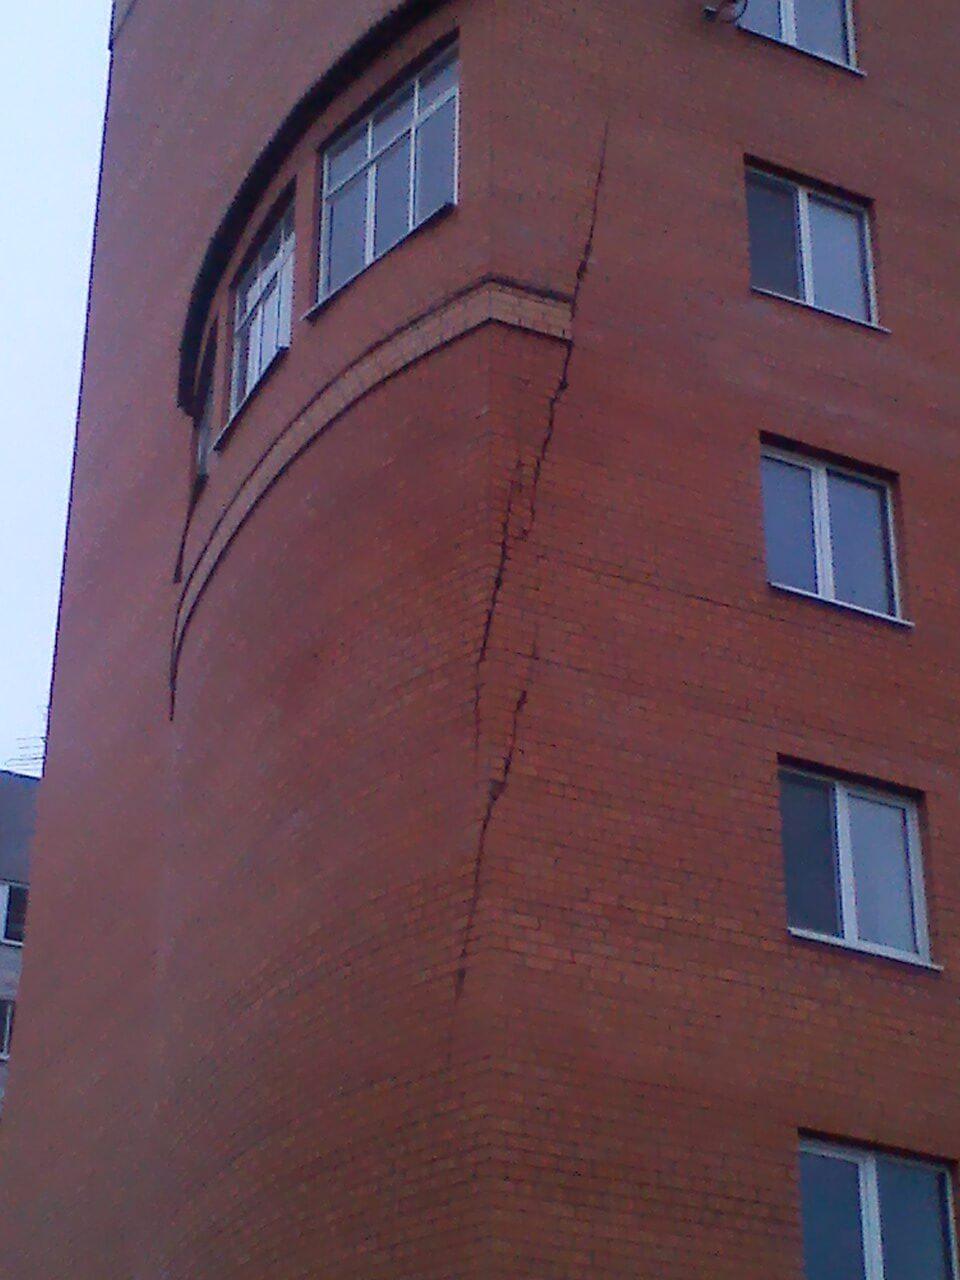 ярко эффектно фото промерзания фасада сможете